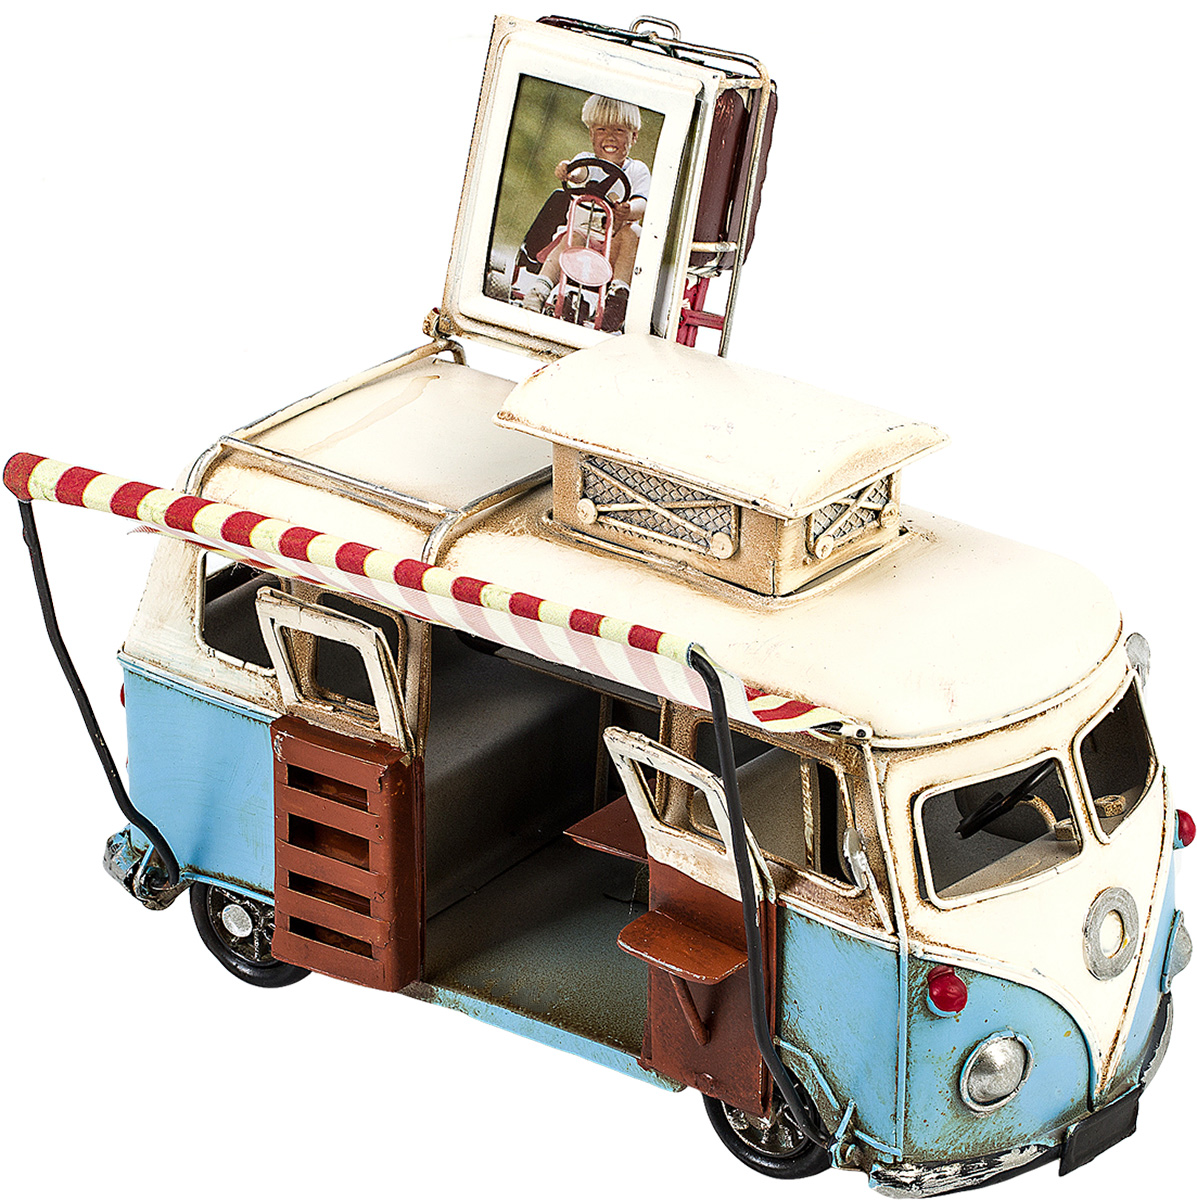 Модель Platinum Автобус, с фоторамкой. 1404E-4352JP-29/17Модель Platinum Автобус, выполненная из металла, станет оригинальным украшением вашего интерьера. Вы можете поставить модель автобуса в любом месте, где она будет удачно смотреться.Изделие дополнено фоторамкой, куда вы можете вставить вашу любимую фотографию.Качество исполнения, точные детали и оригинальный дизайн выделяют эту модель среди ряда подобных. Модель займет достойное место в вашей коллекции, а также приятно удивит получателя в качестве стильного сувенира.